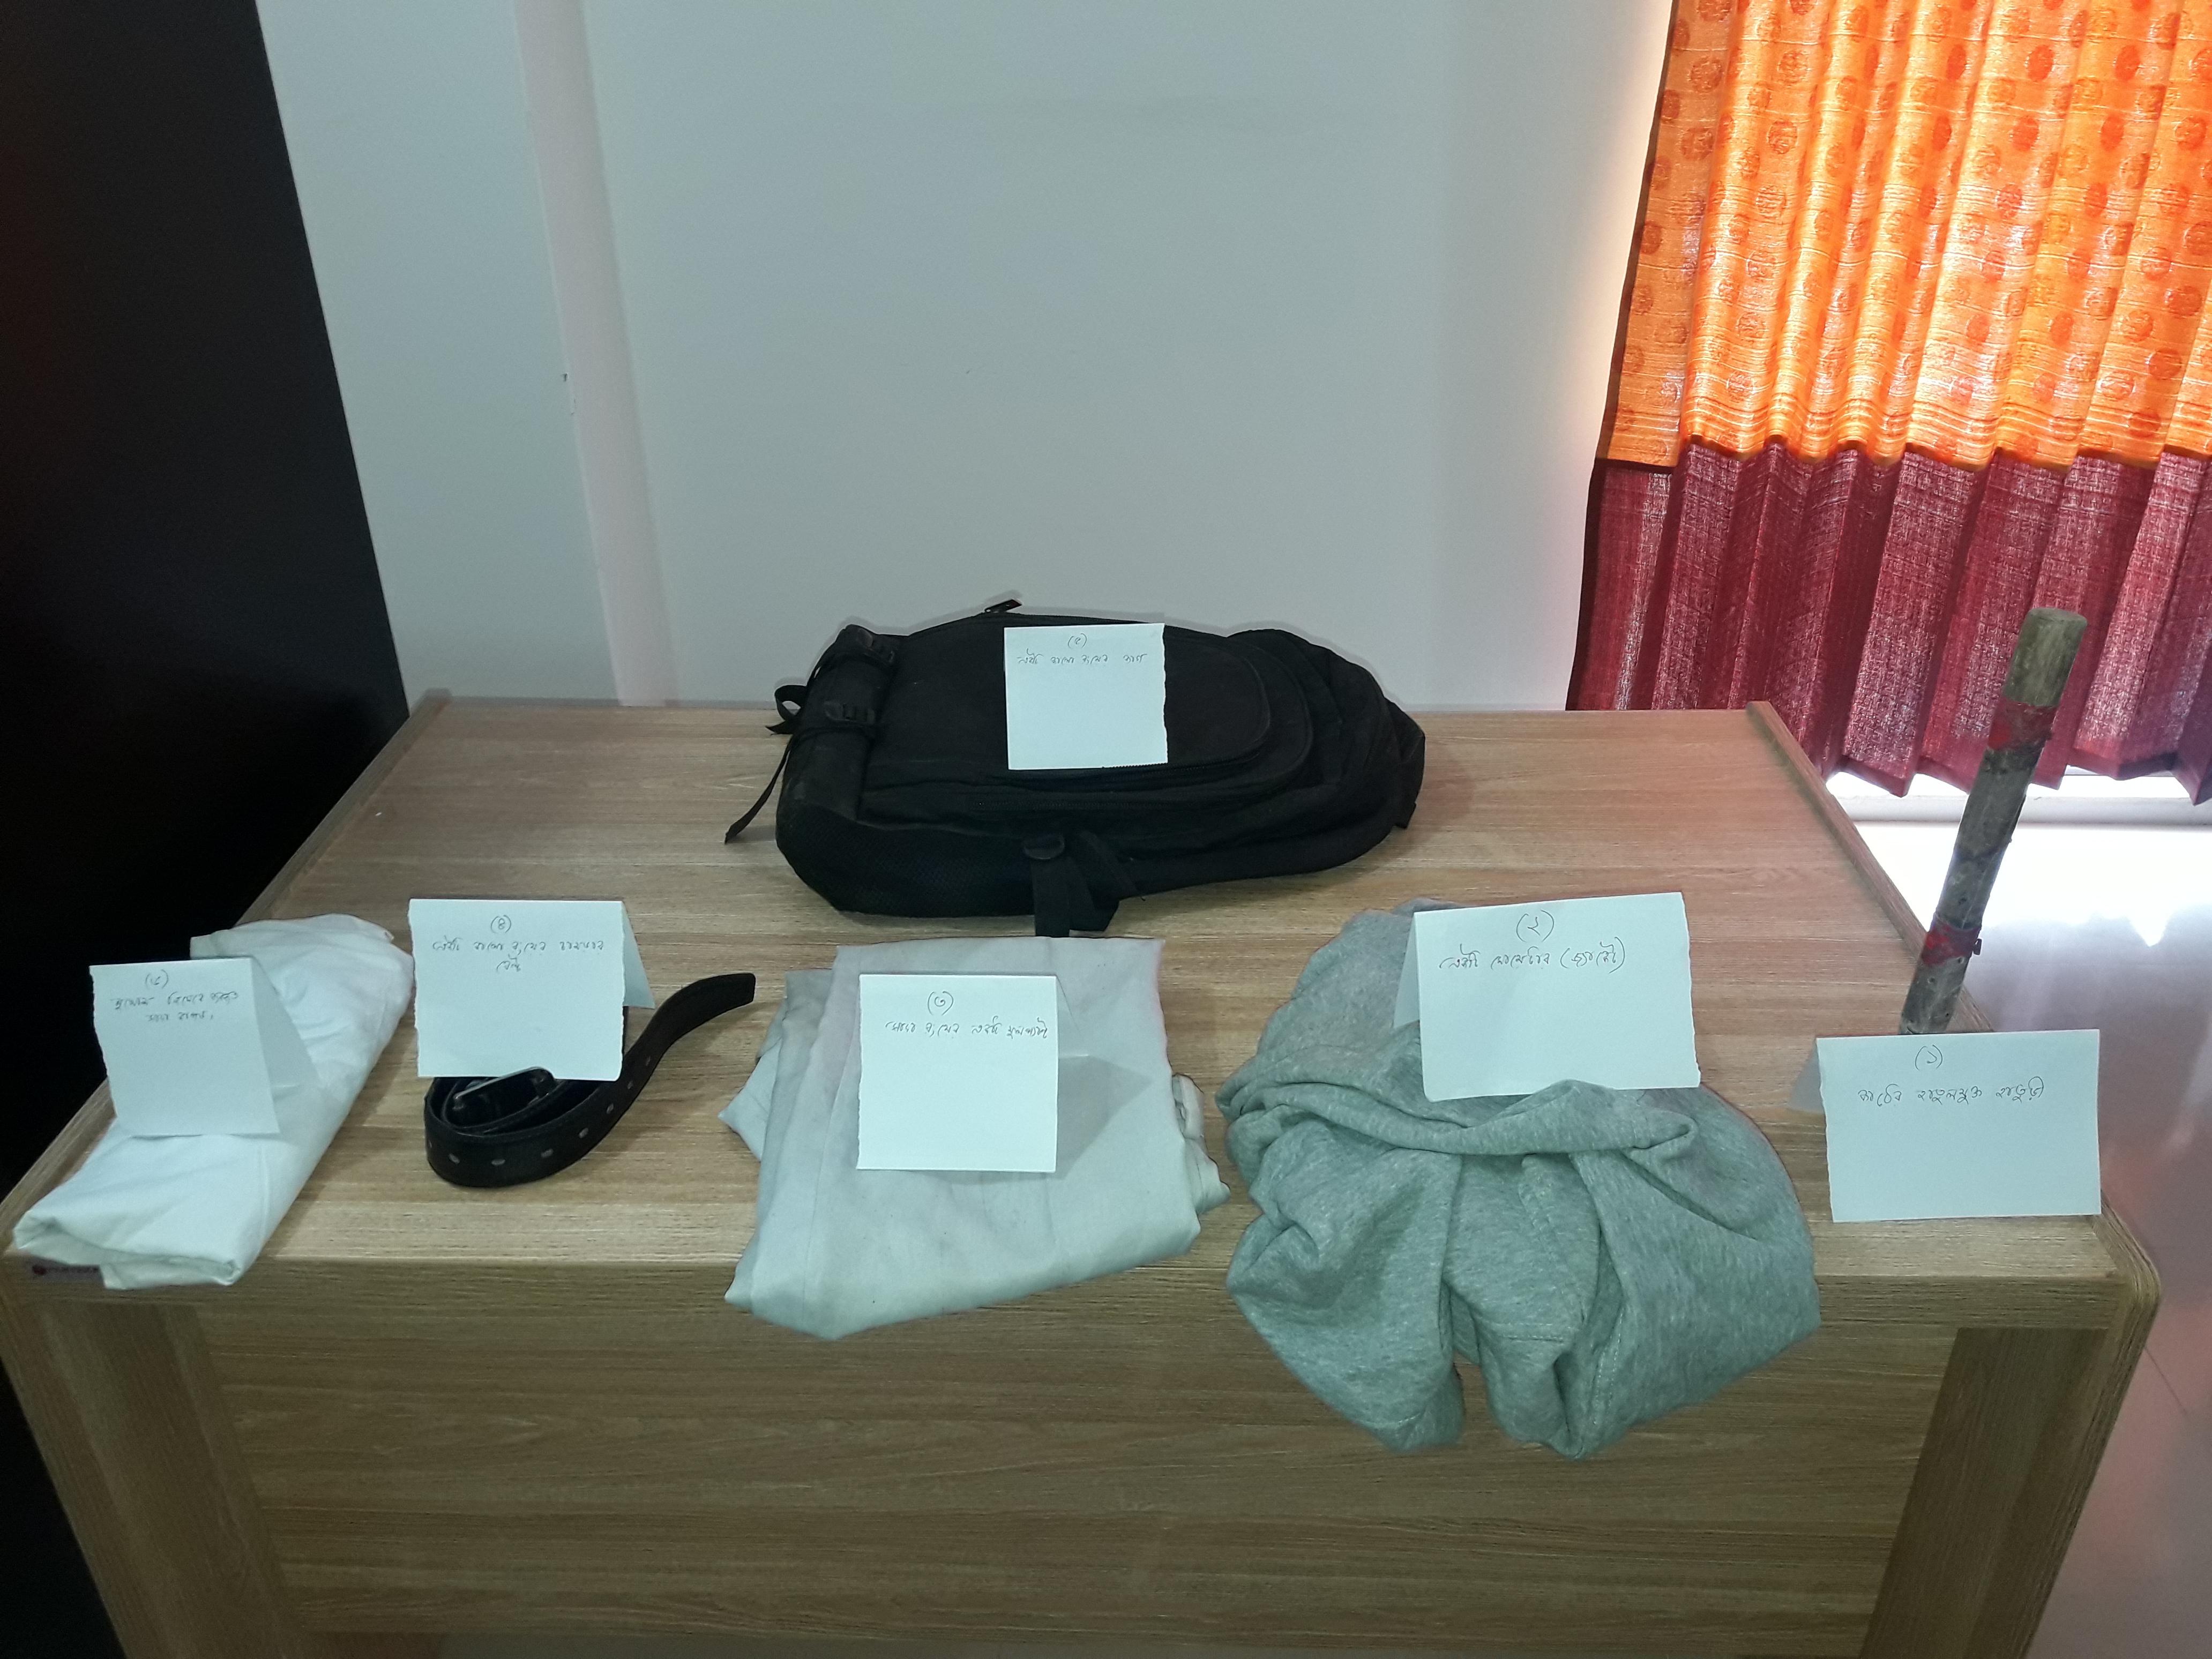 এটিএম বুথের সিকিউরিটি গার্ড শামীম হত্যা মামলার রহস্য উদঘাটন